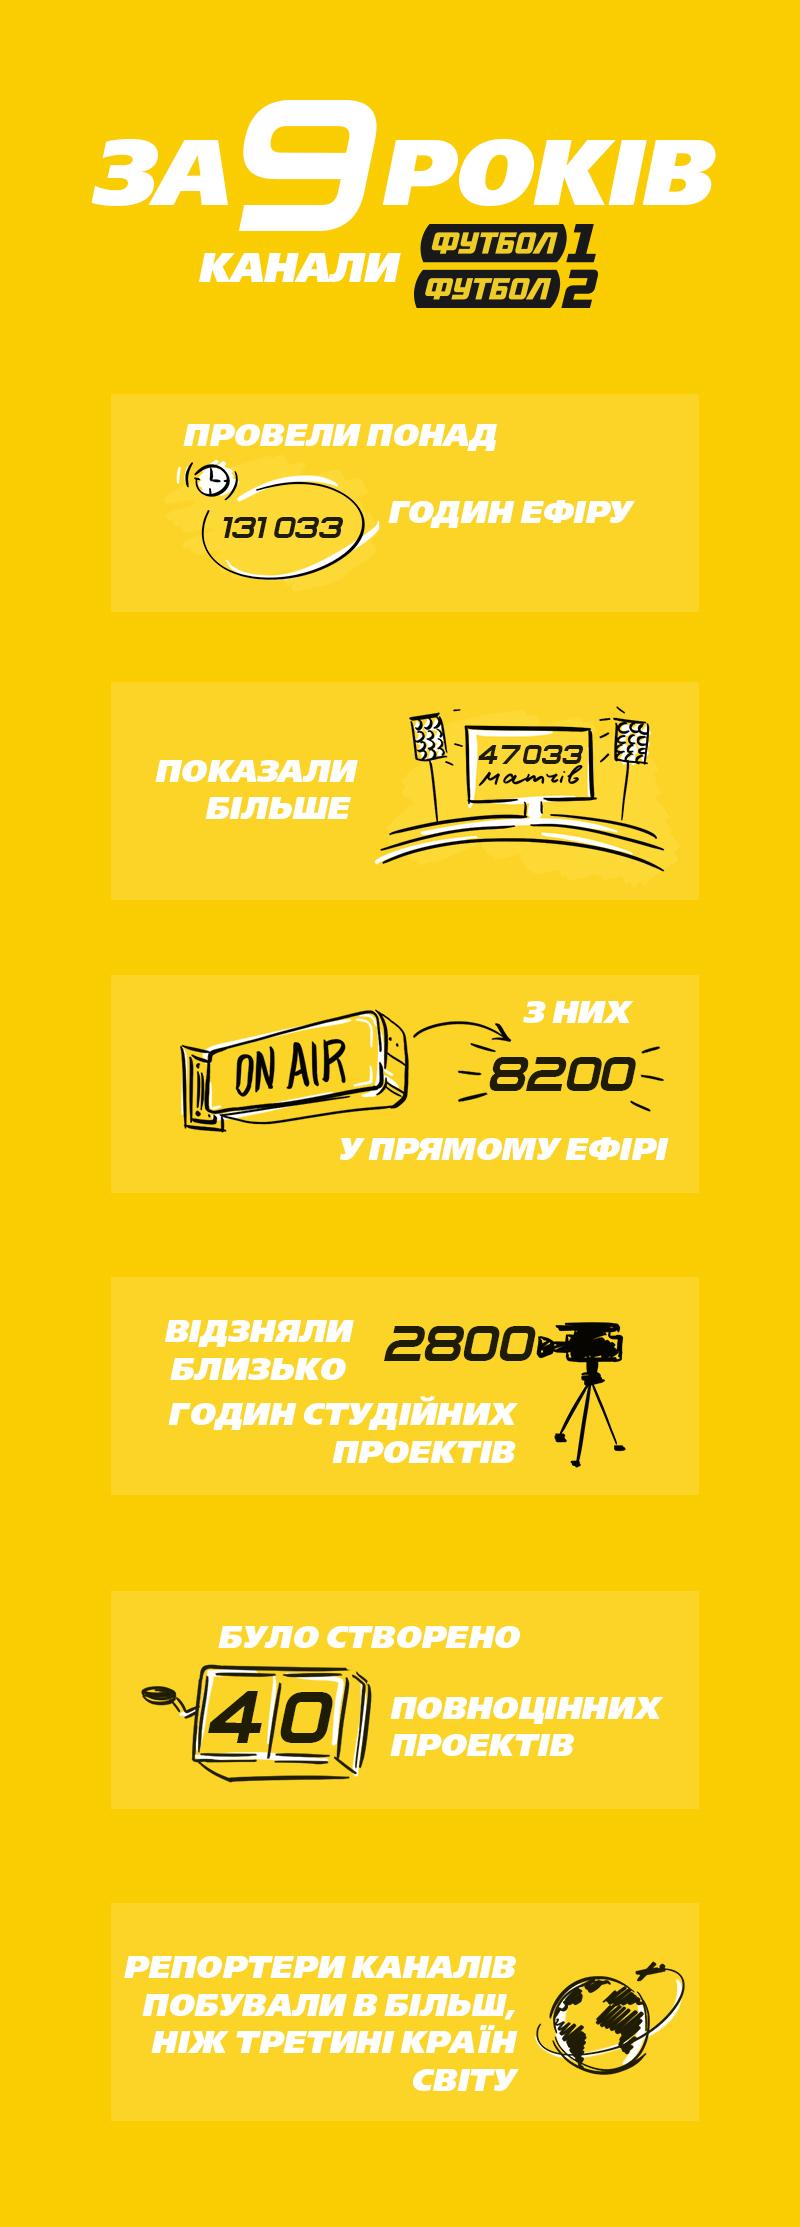 """Телеканалы """"Футбол 1""""/ """"Футбол 2"""" – 9 лет в эфире (Инфографика) - изображение 1"""